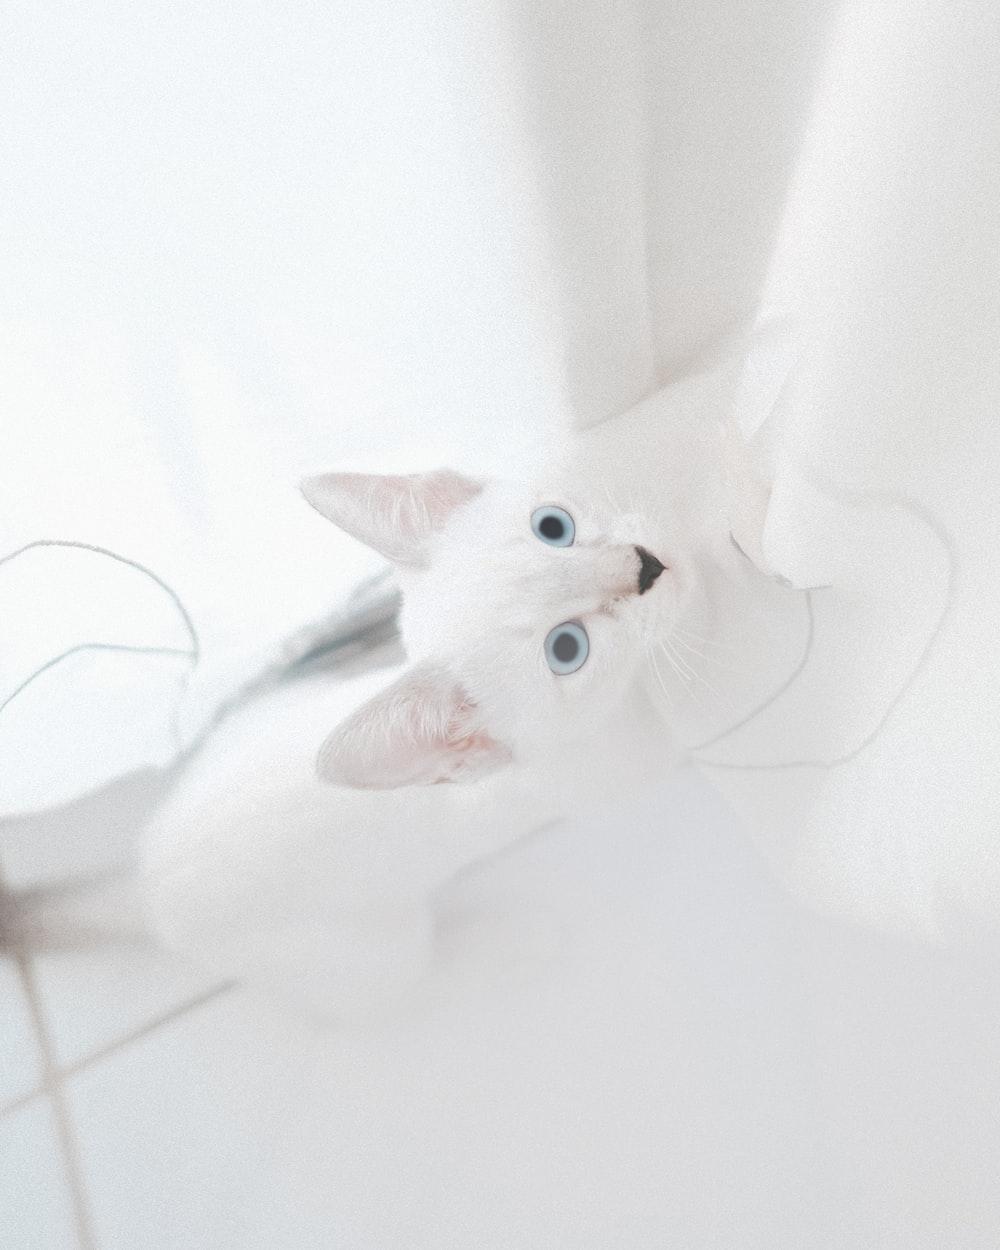 white cat on white textile